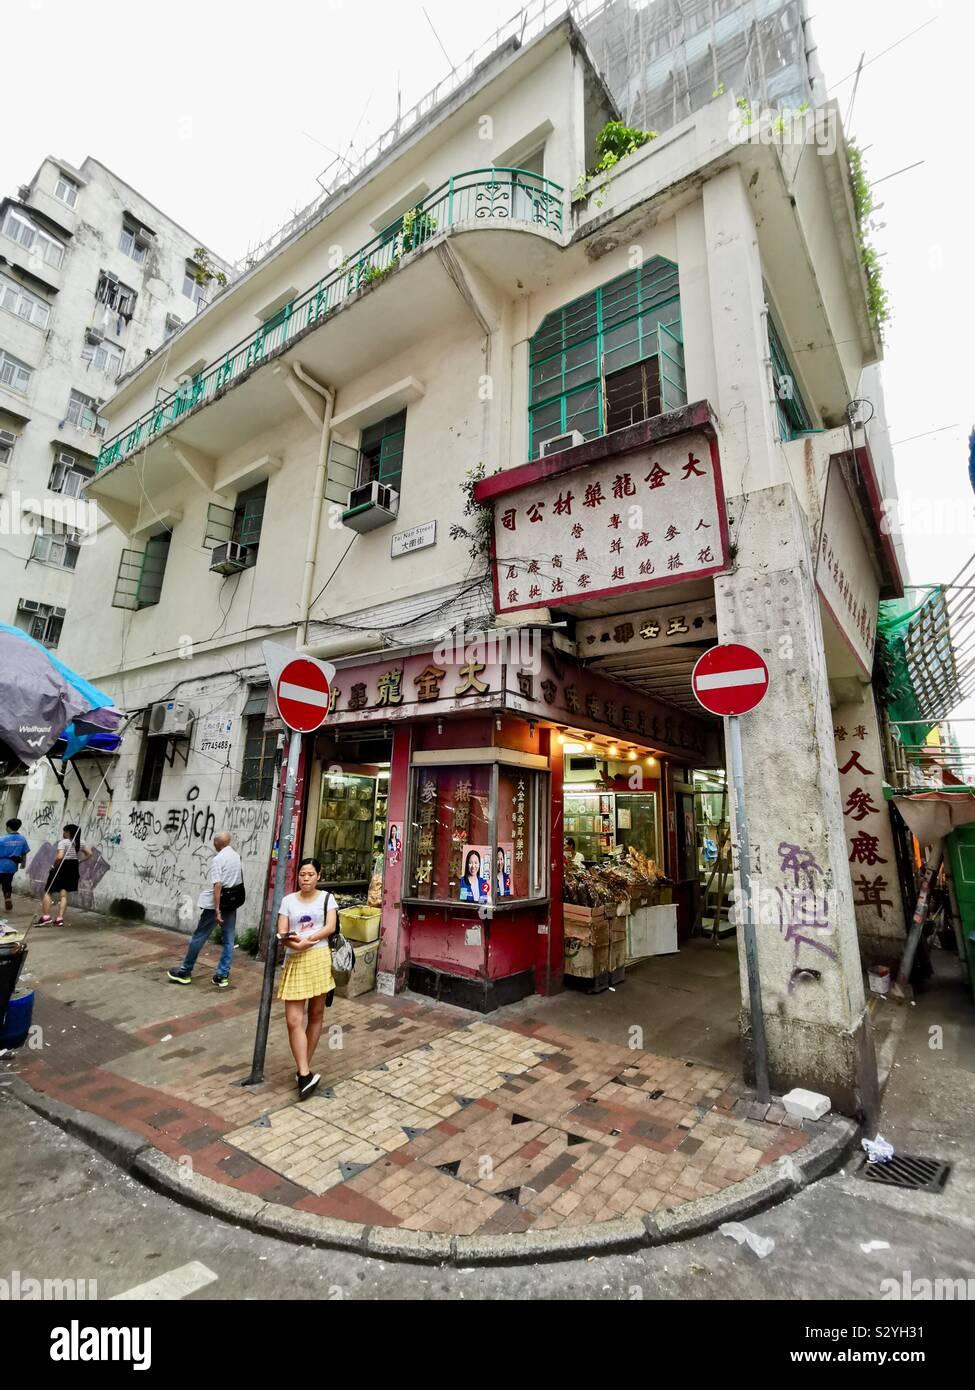 Un hermoso edificio antiguo de Tai Nan street en Sham Shui Po en Hong Kong. Foto de stock